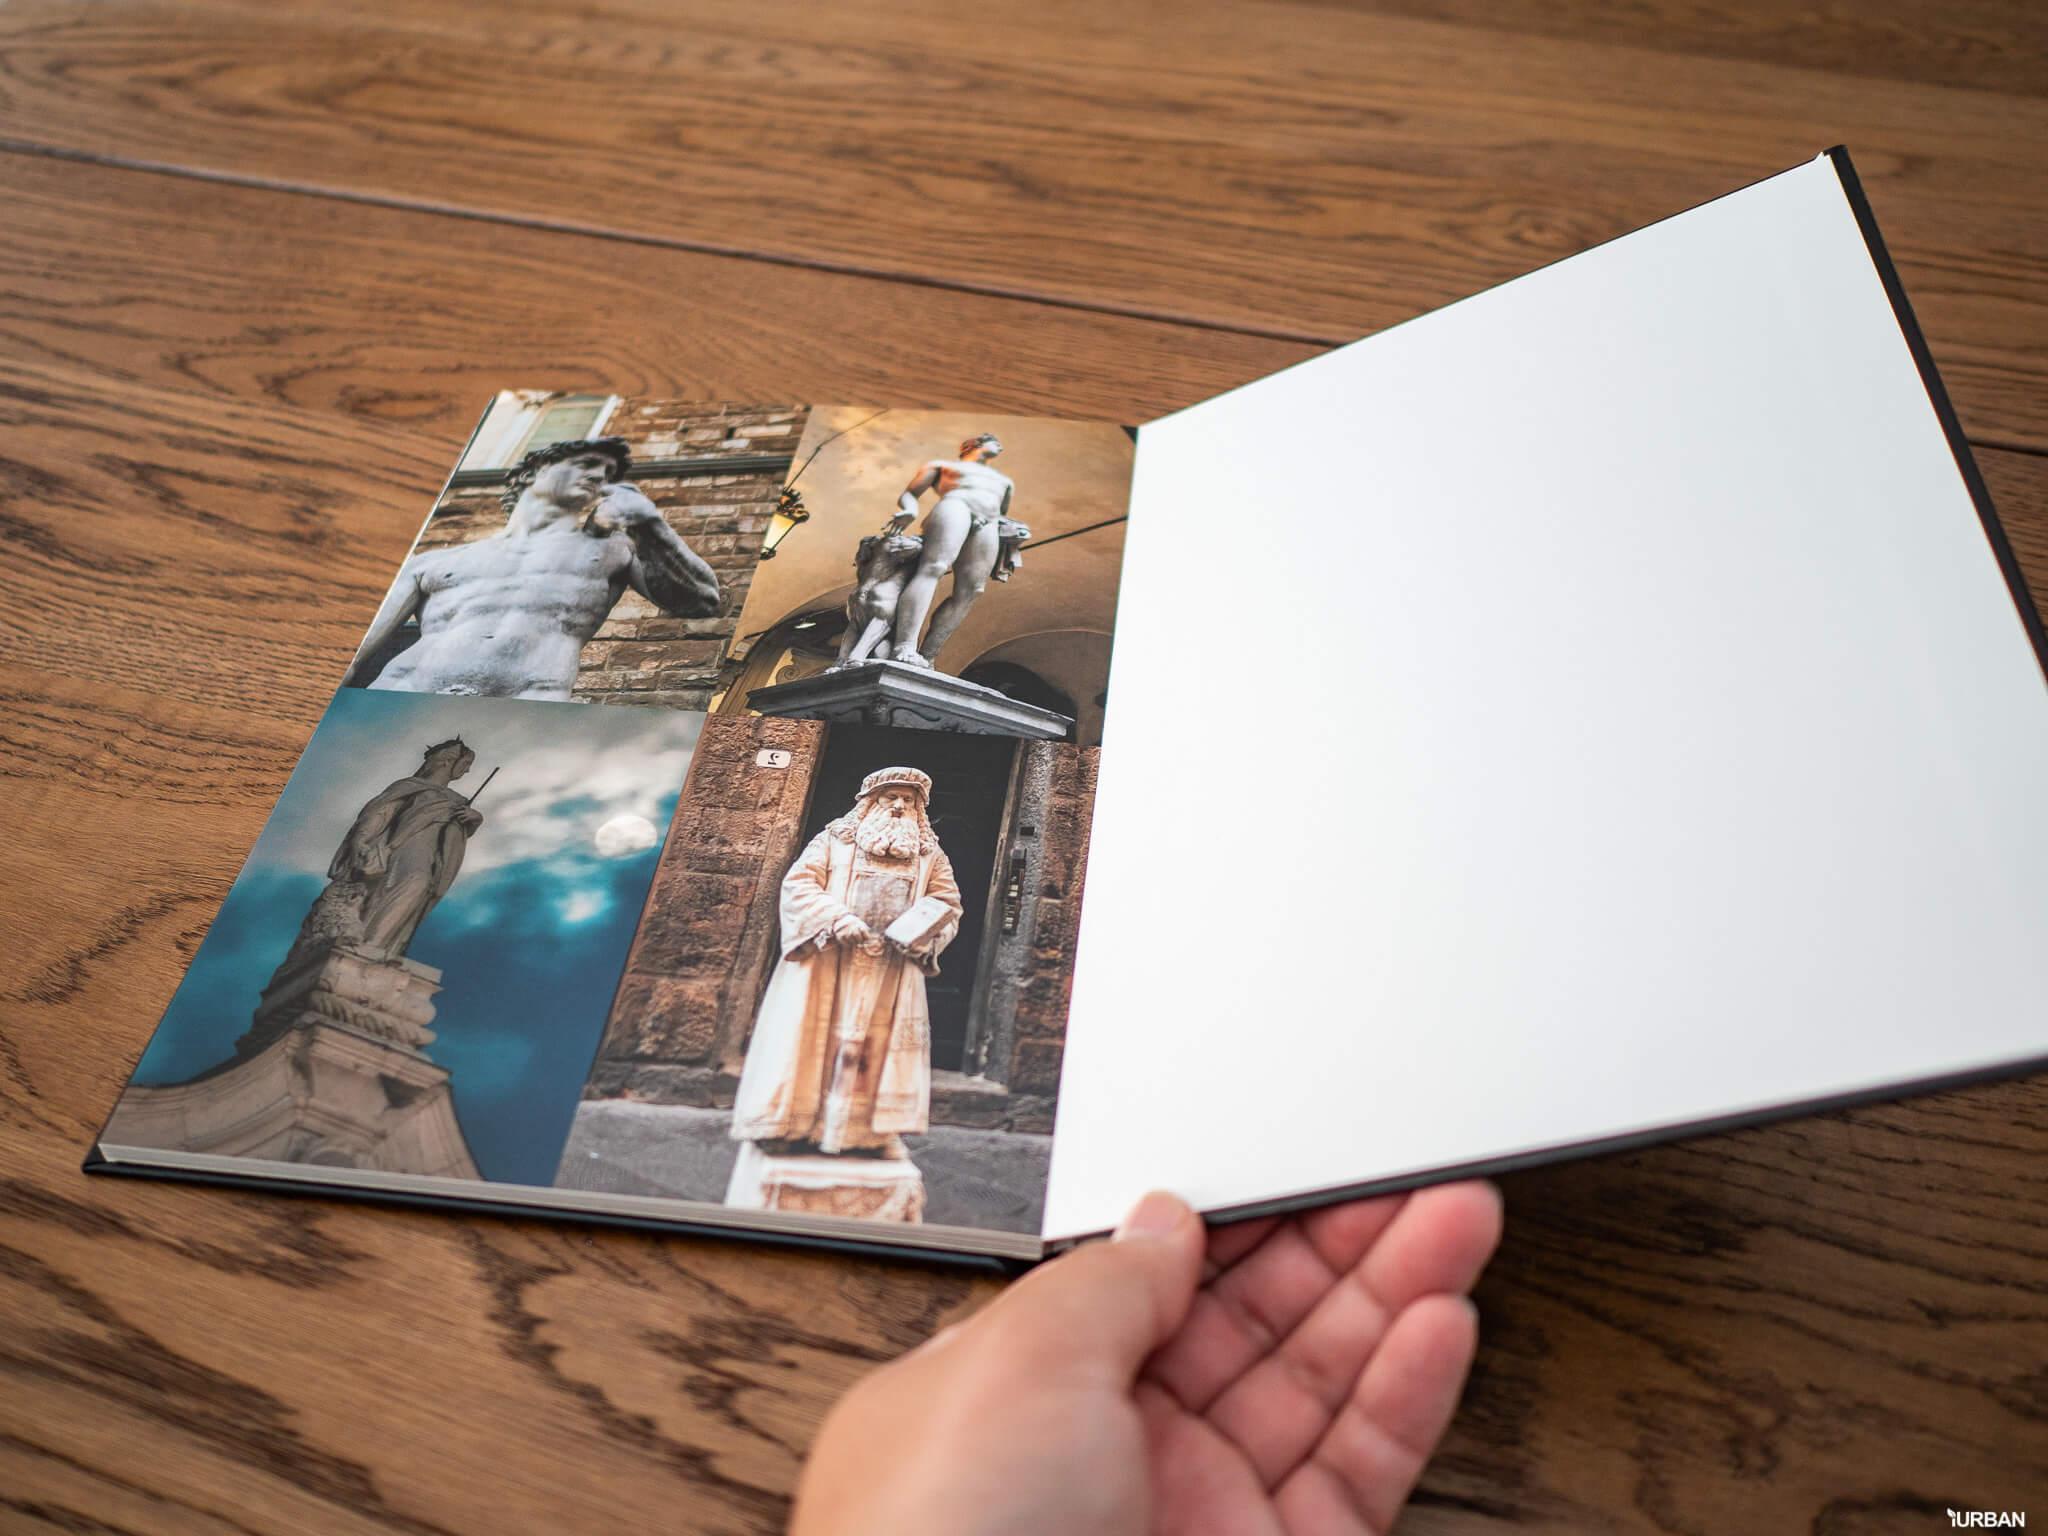 รีวิว 3 บริการจาก Photobook ภาพติดผนัง แคนวาส คุณภาพระดับโลก ออกแบบเองได้ #แจกโค้ดลด90% 🚨 34 - decor